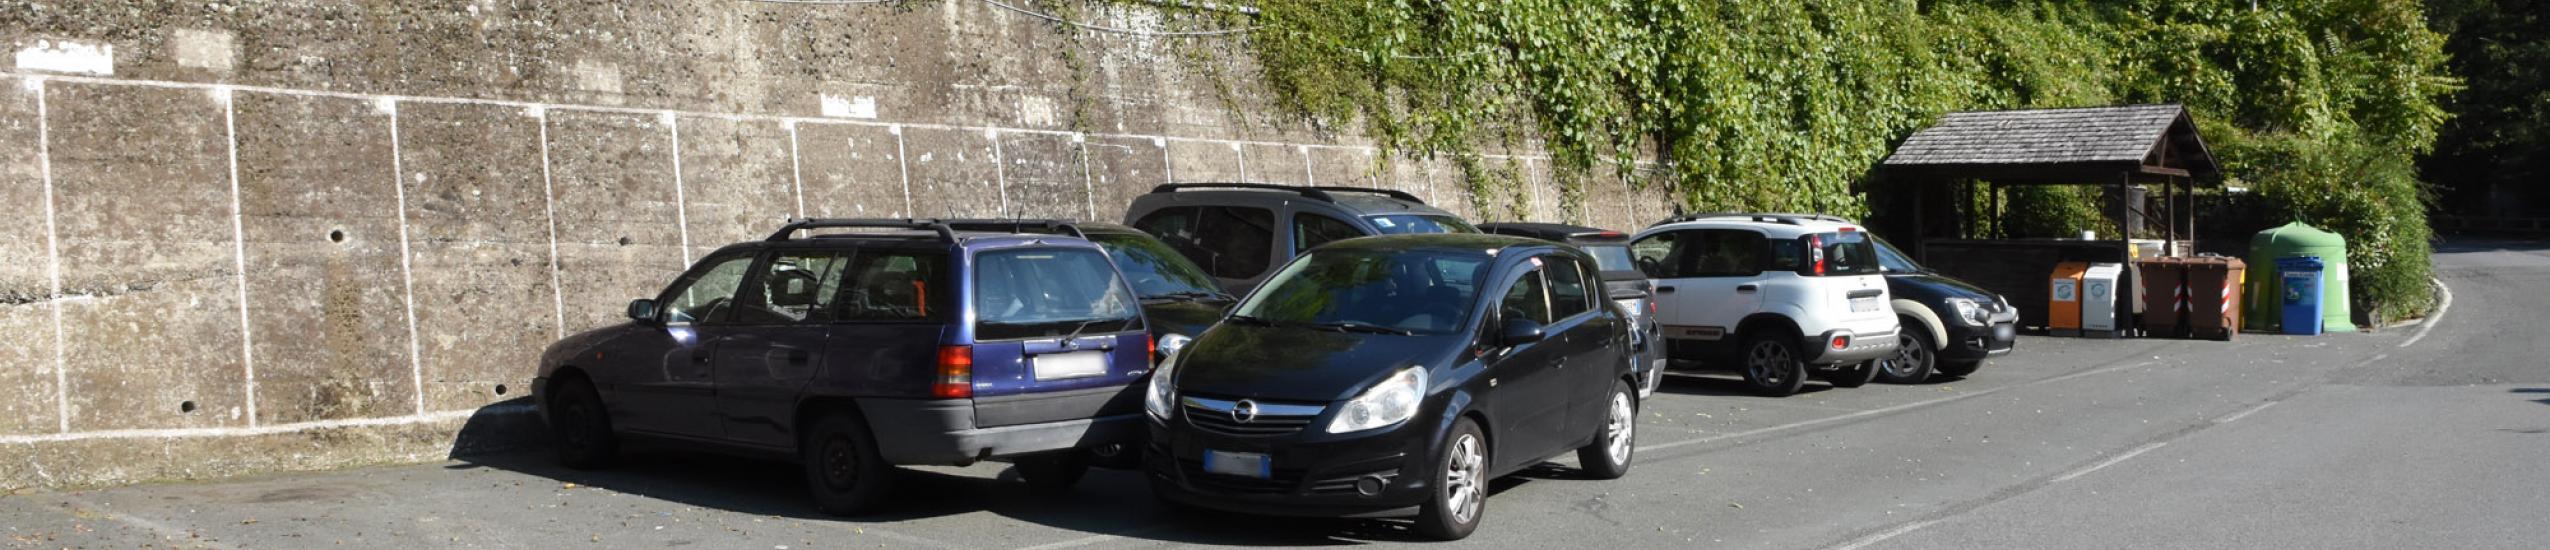 Parcheggio pubblico ad Acque di sopra